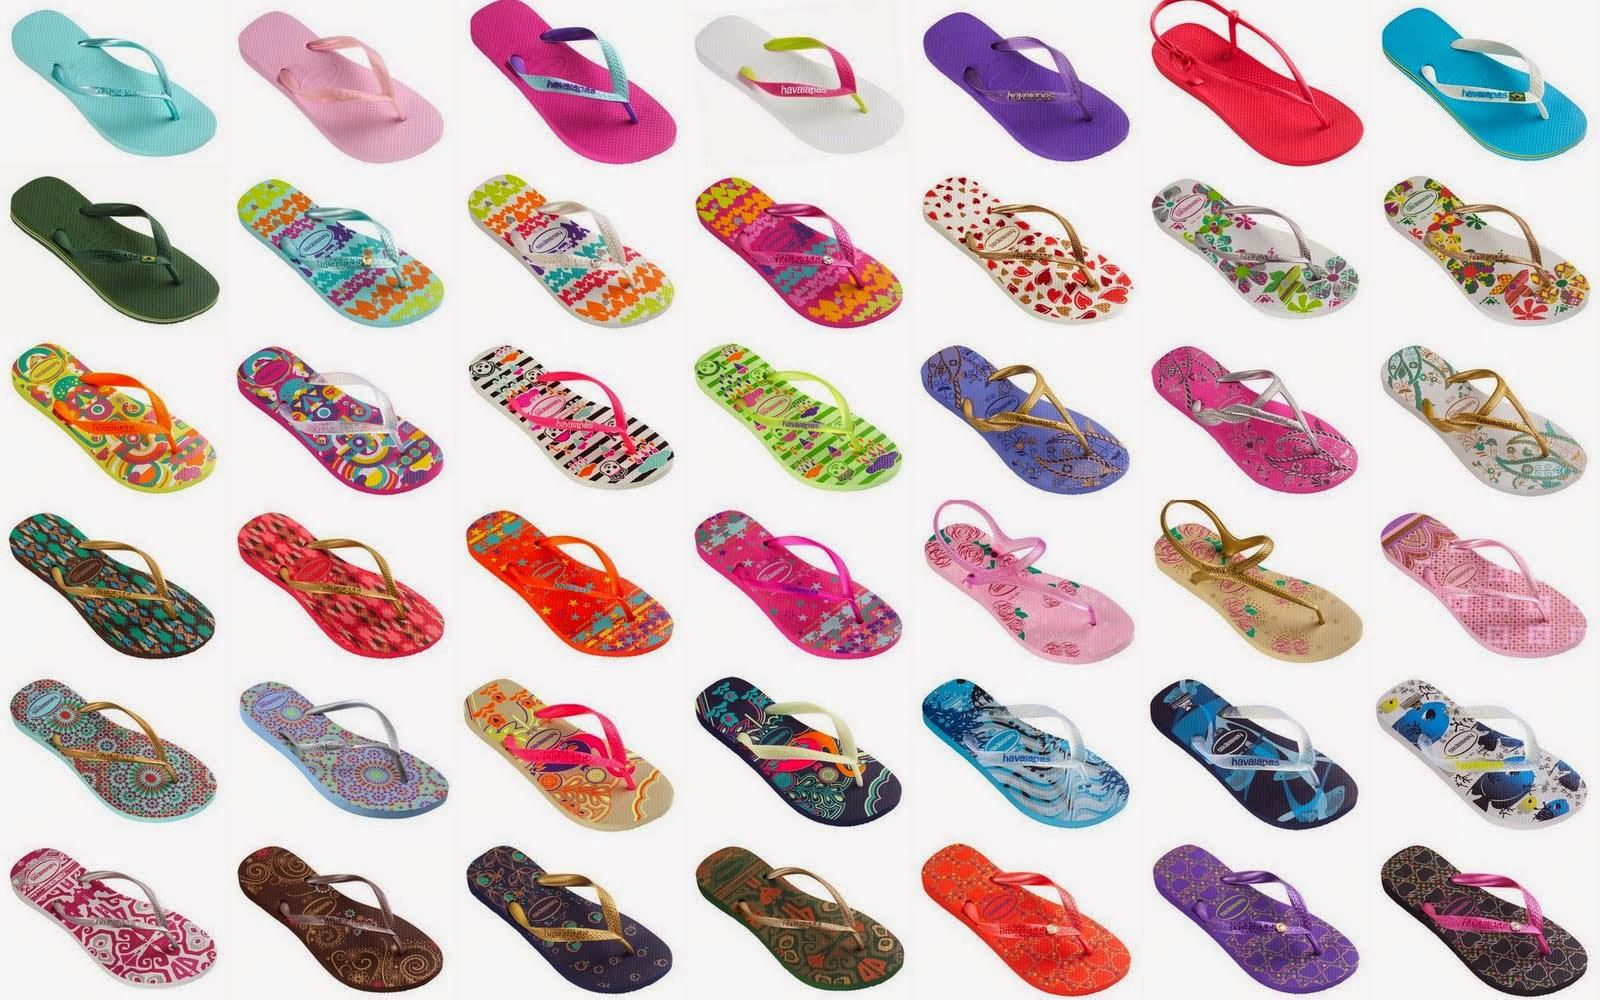 los motivos que hace de Havaianas una sandalia única) y tiras de telas de colores. Actualmente, vende más de 200 millones de pares de sandalias al año.